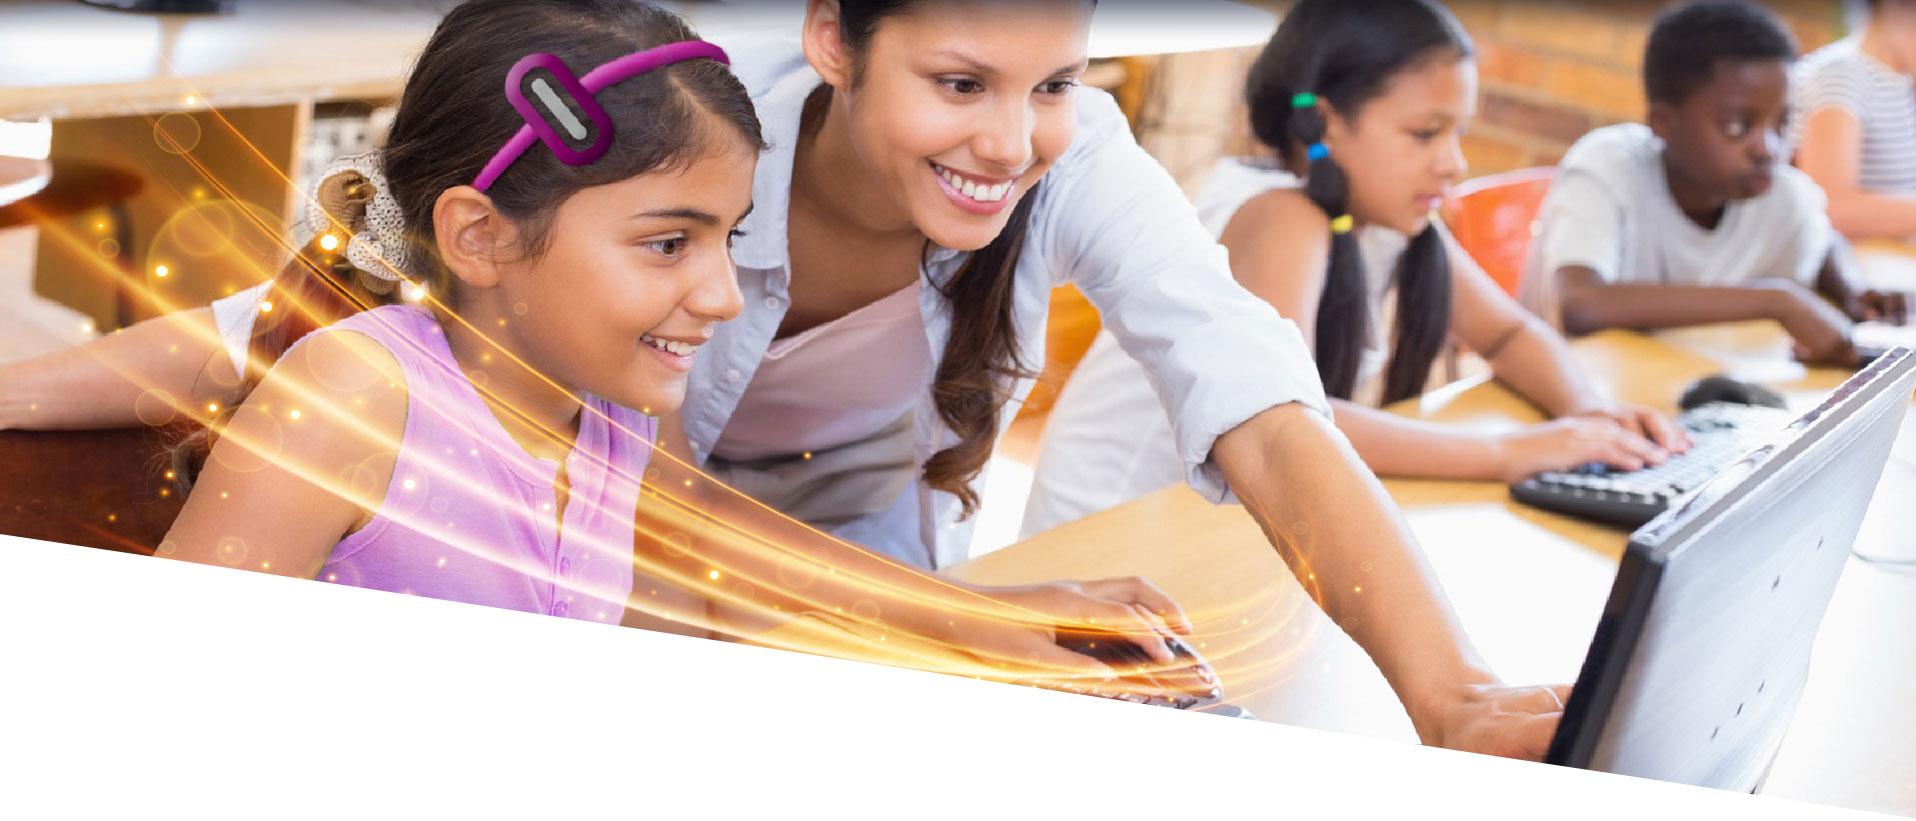 Crea una sociedad que enriquece a nuestros niños